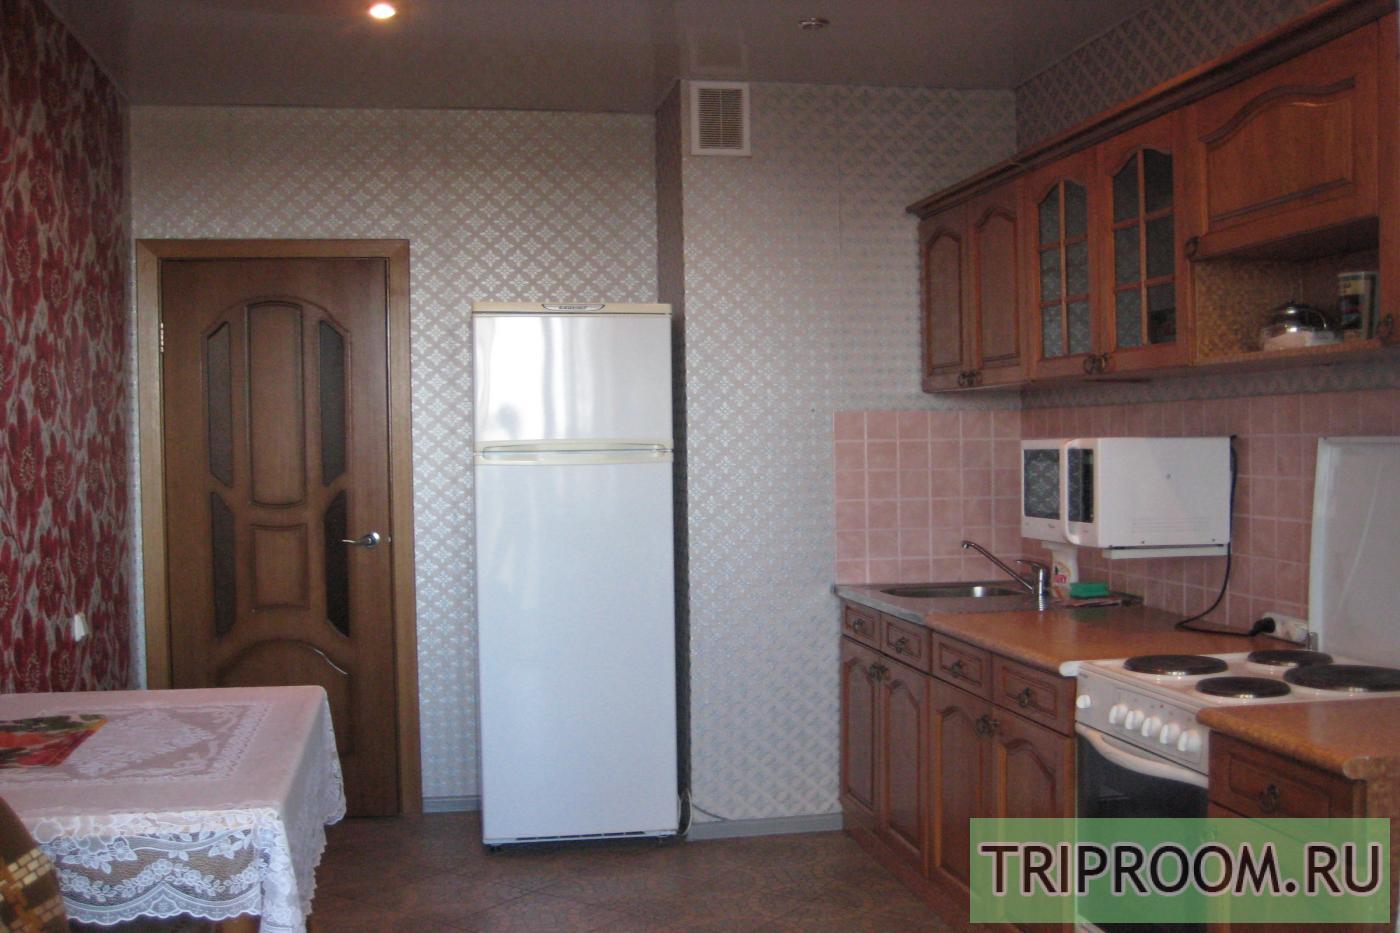 1-комнатная квартира посуточно (вариант № 7630), ул. новороссийская улица, фото № 5